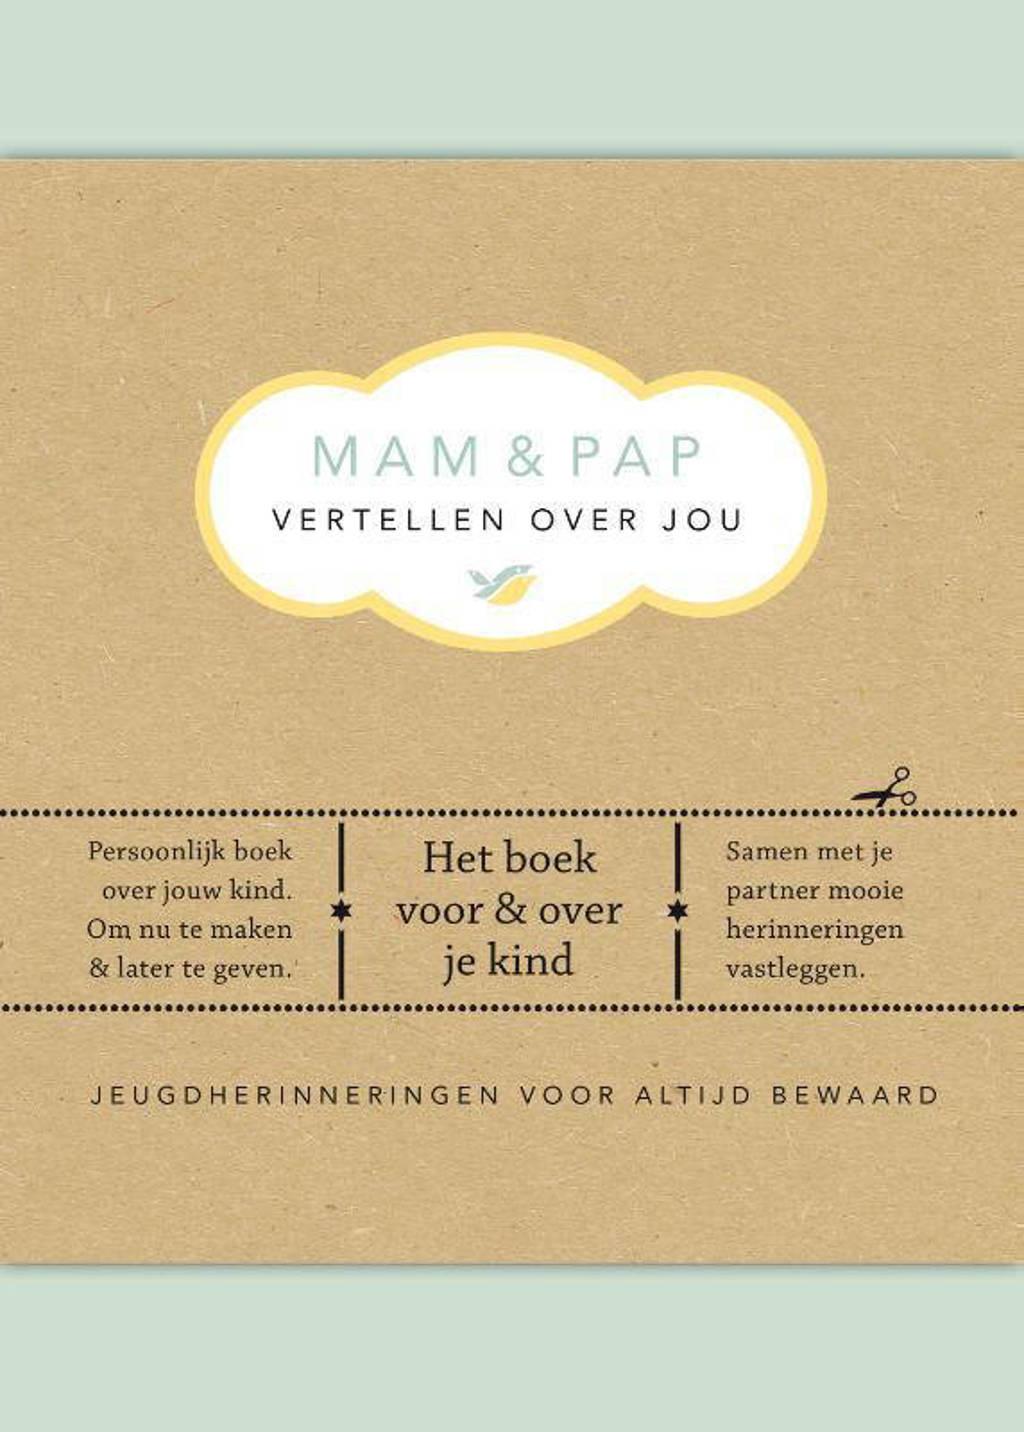 Vertel eens: Mam & pap vertellen over jou - Elma van Vliet